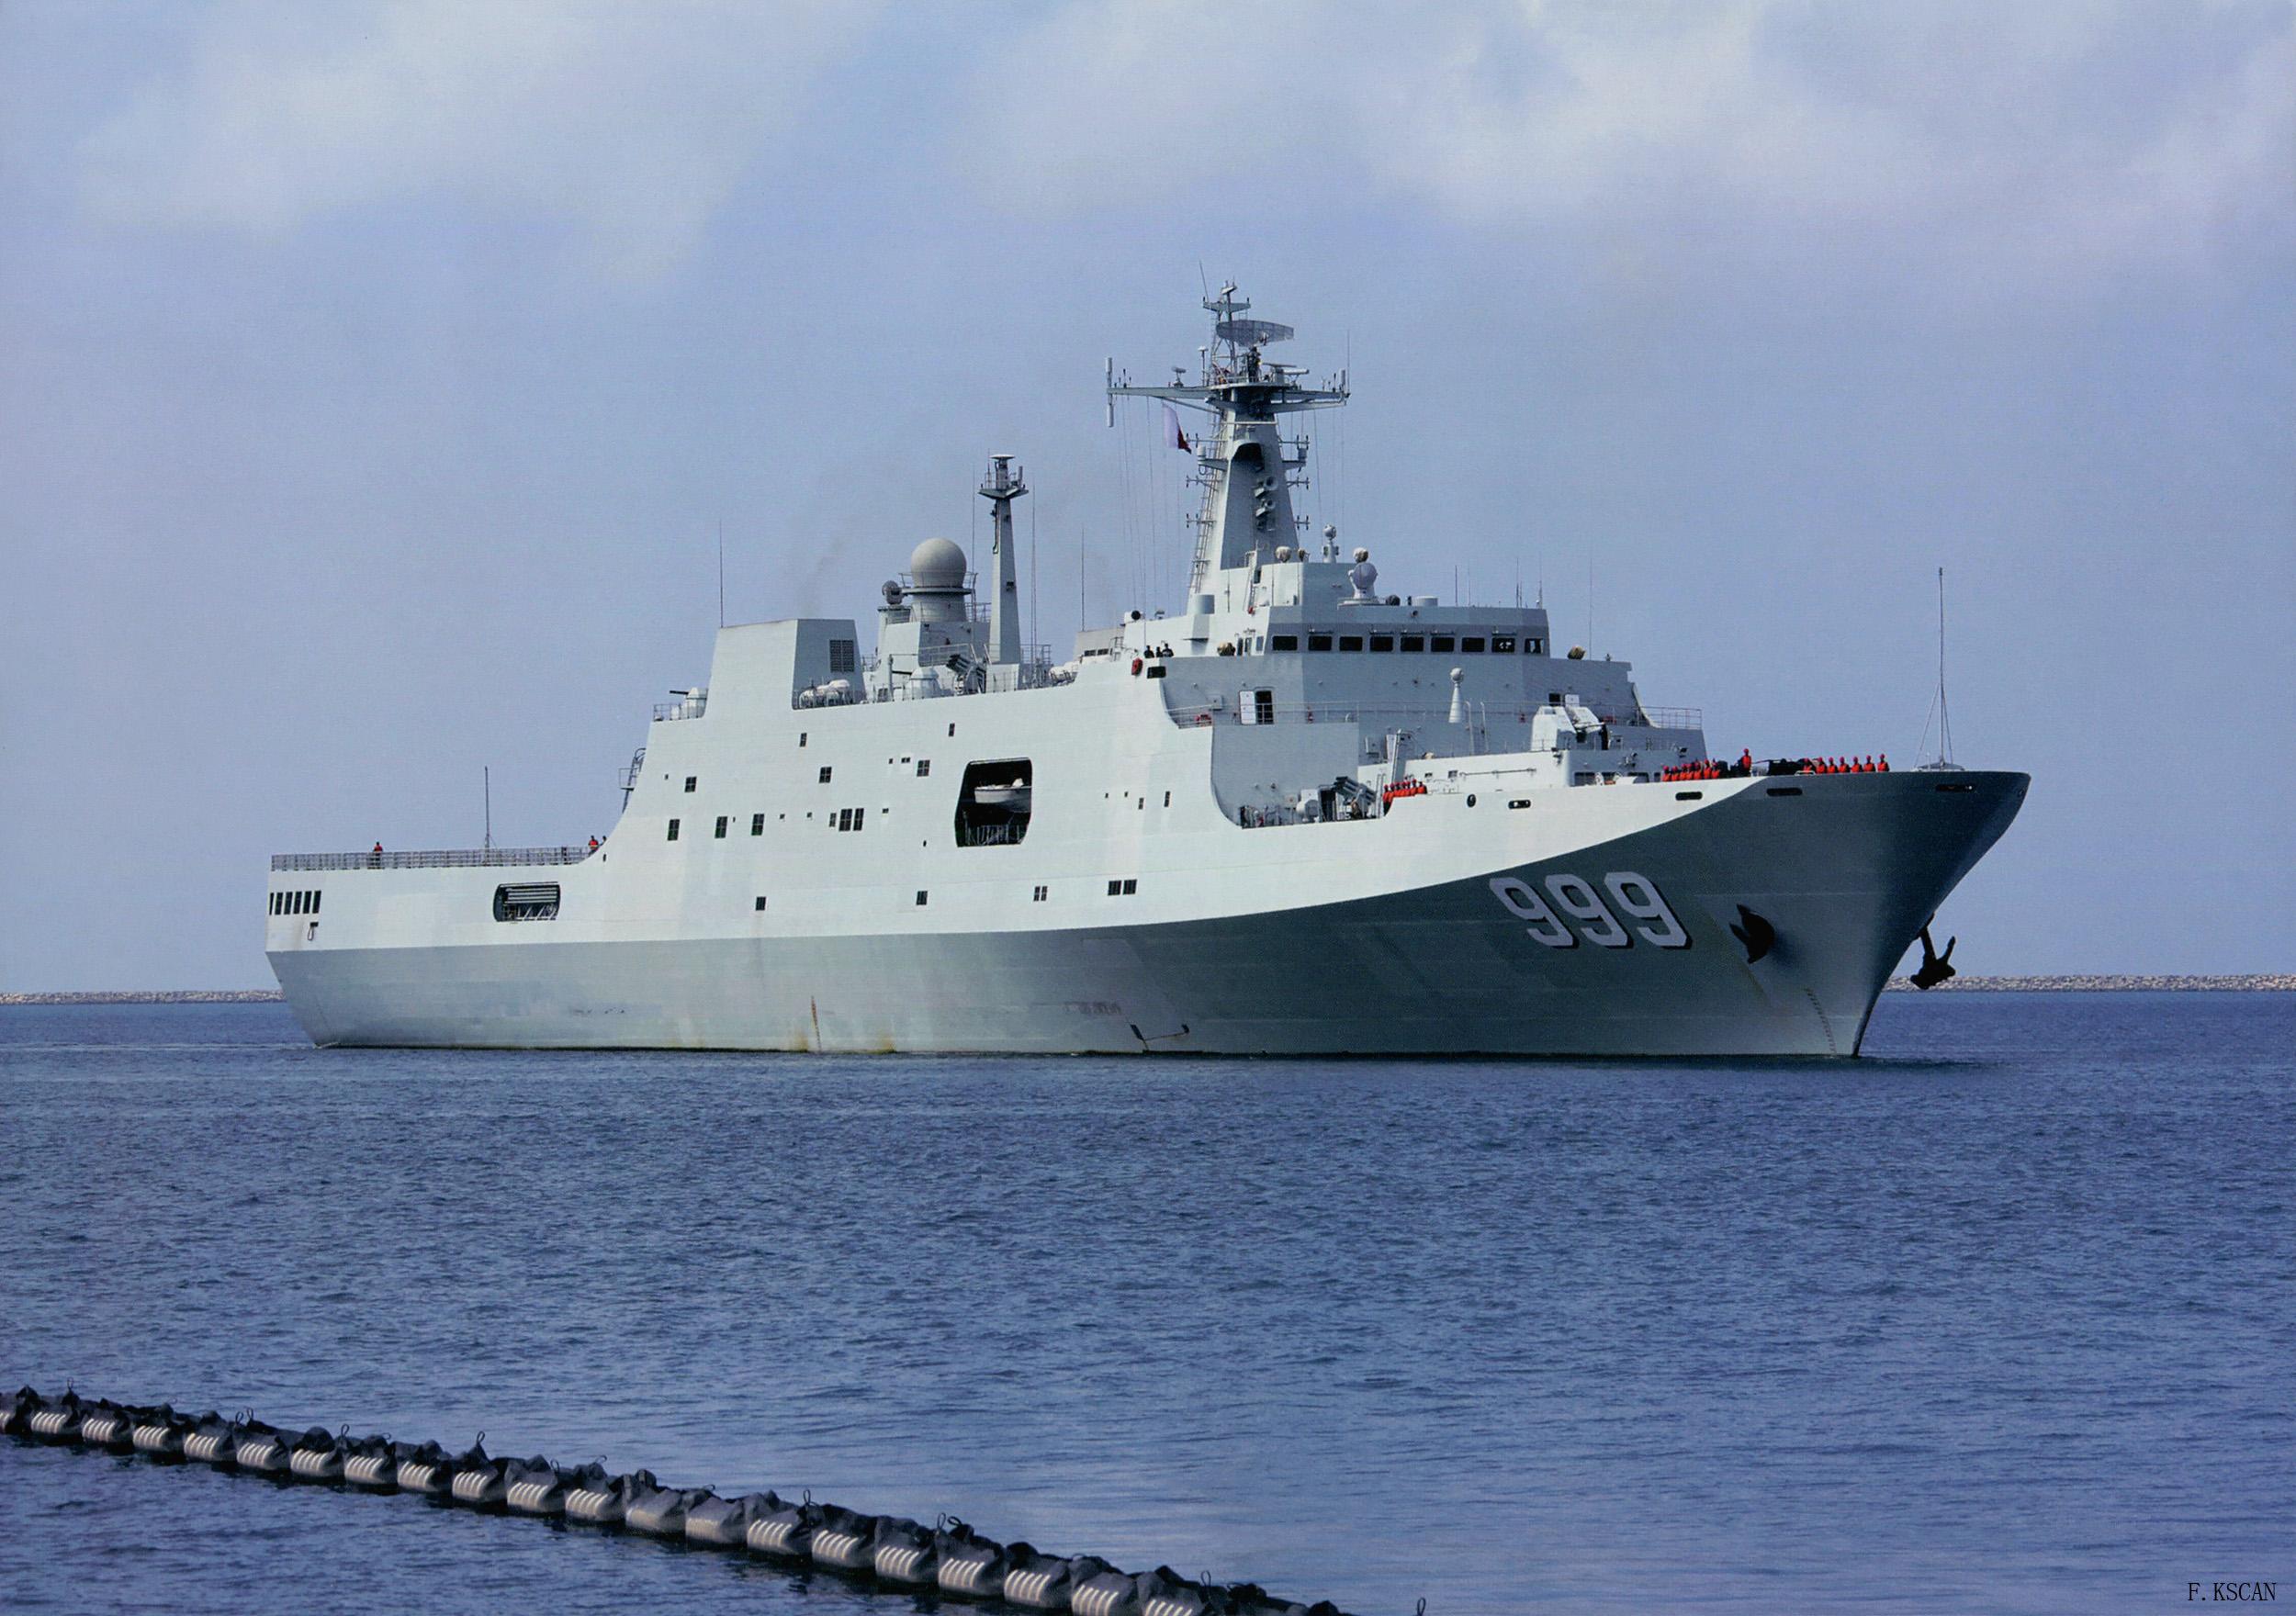 سفينة الانزال البرمائي Type-071 الصينية ومركبات ZBD05 القتالية البرمائية !  مستقبلا لمصر و السعودية 8848767454_e01f0873ef_o